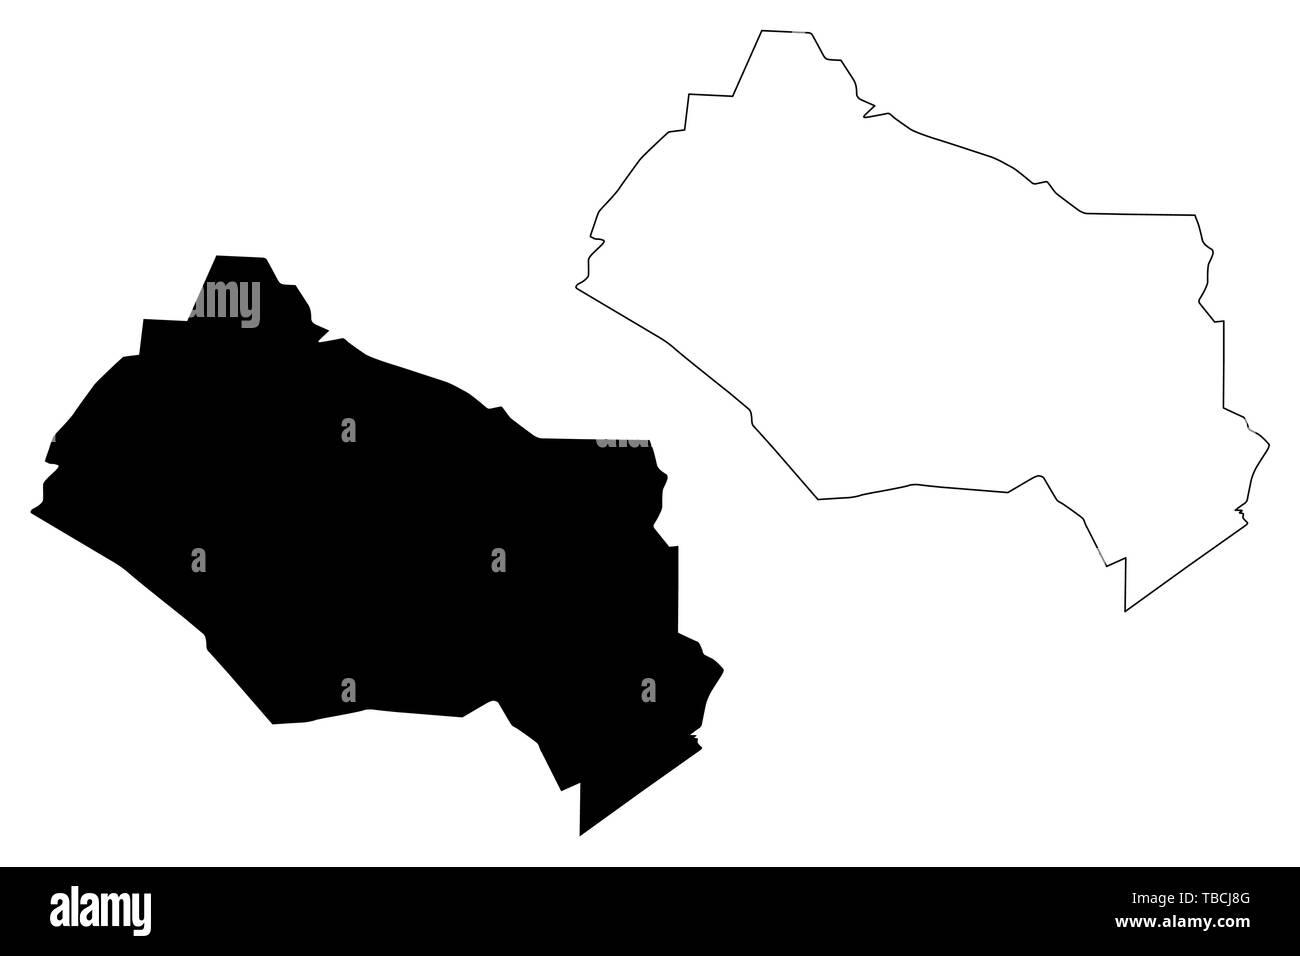 Kyzylorda Region (Republic of Kazakhstan, Regions of Kazakhstan) map ...